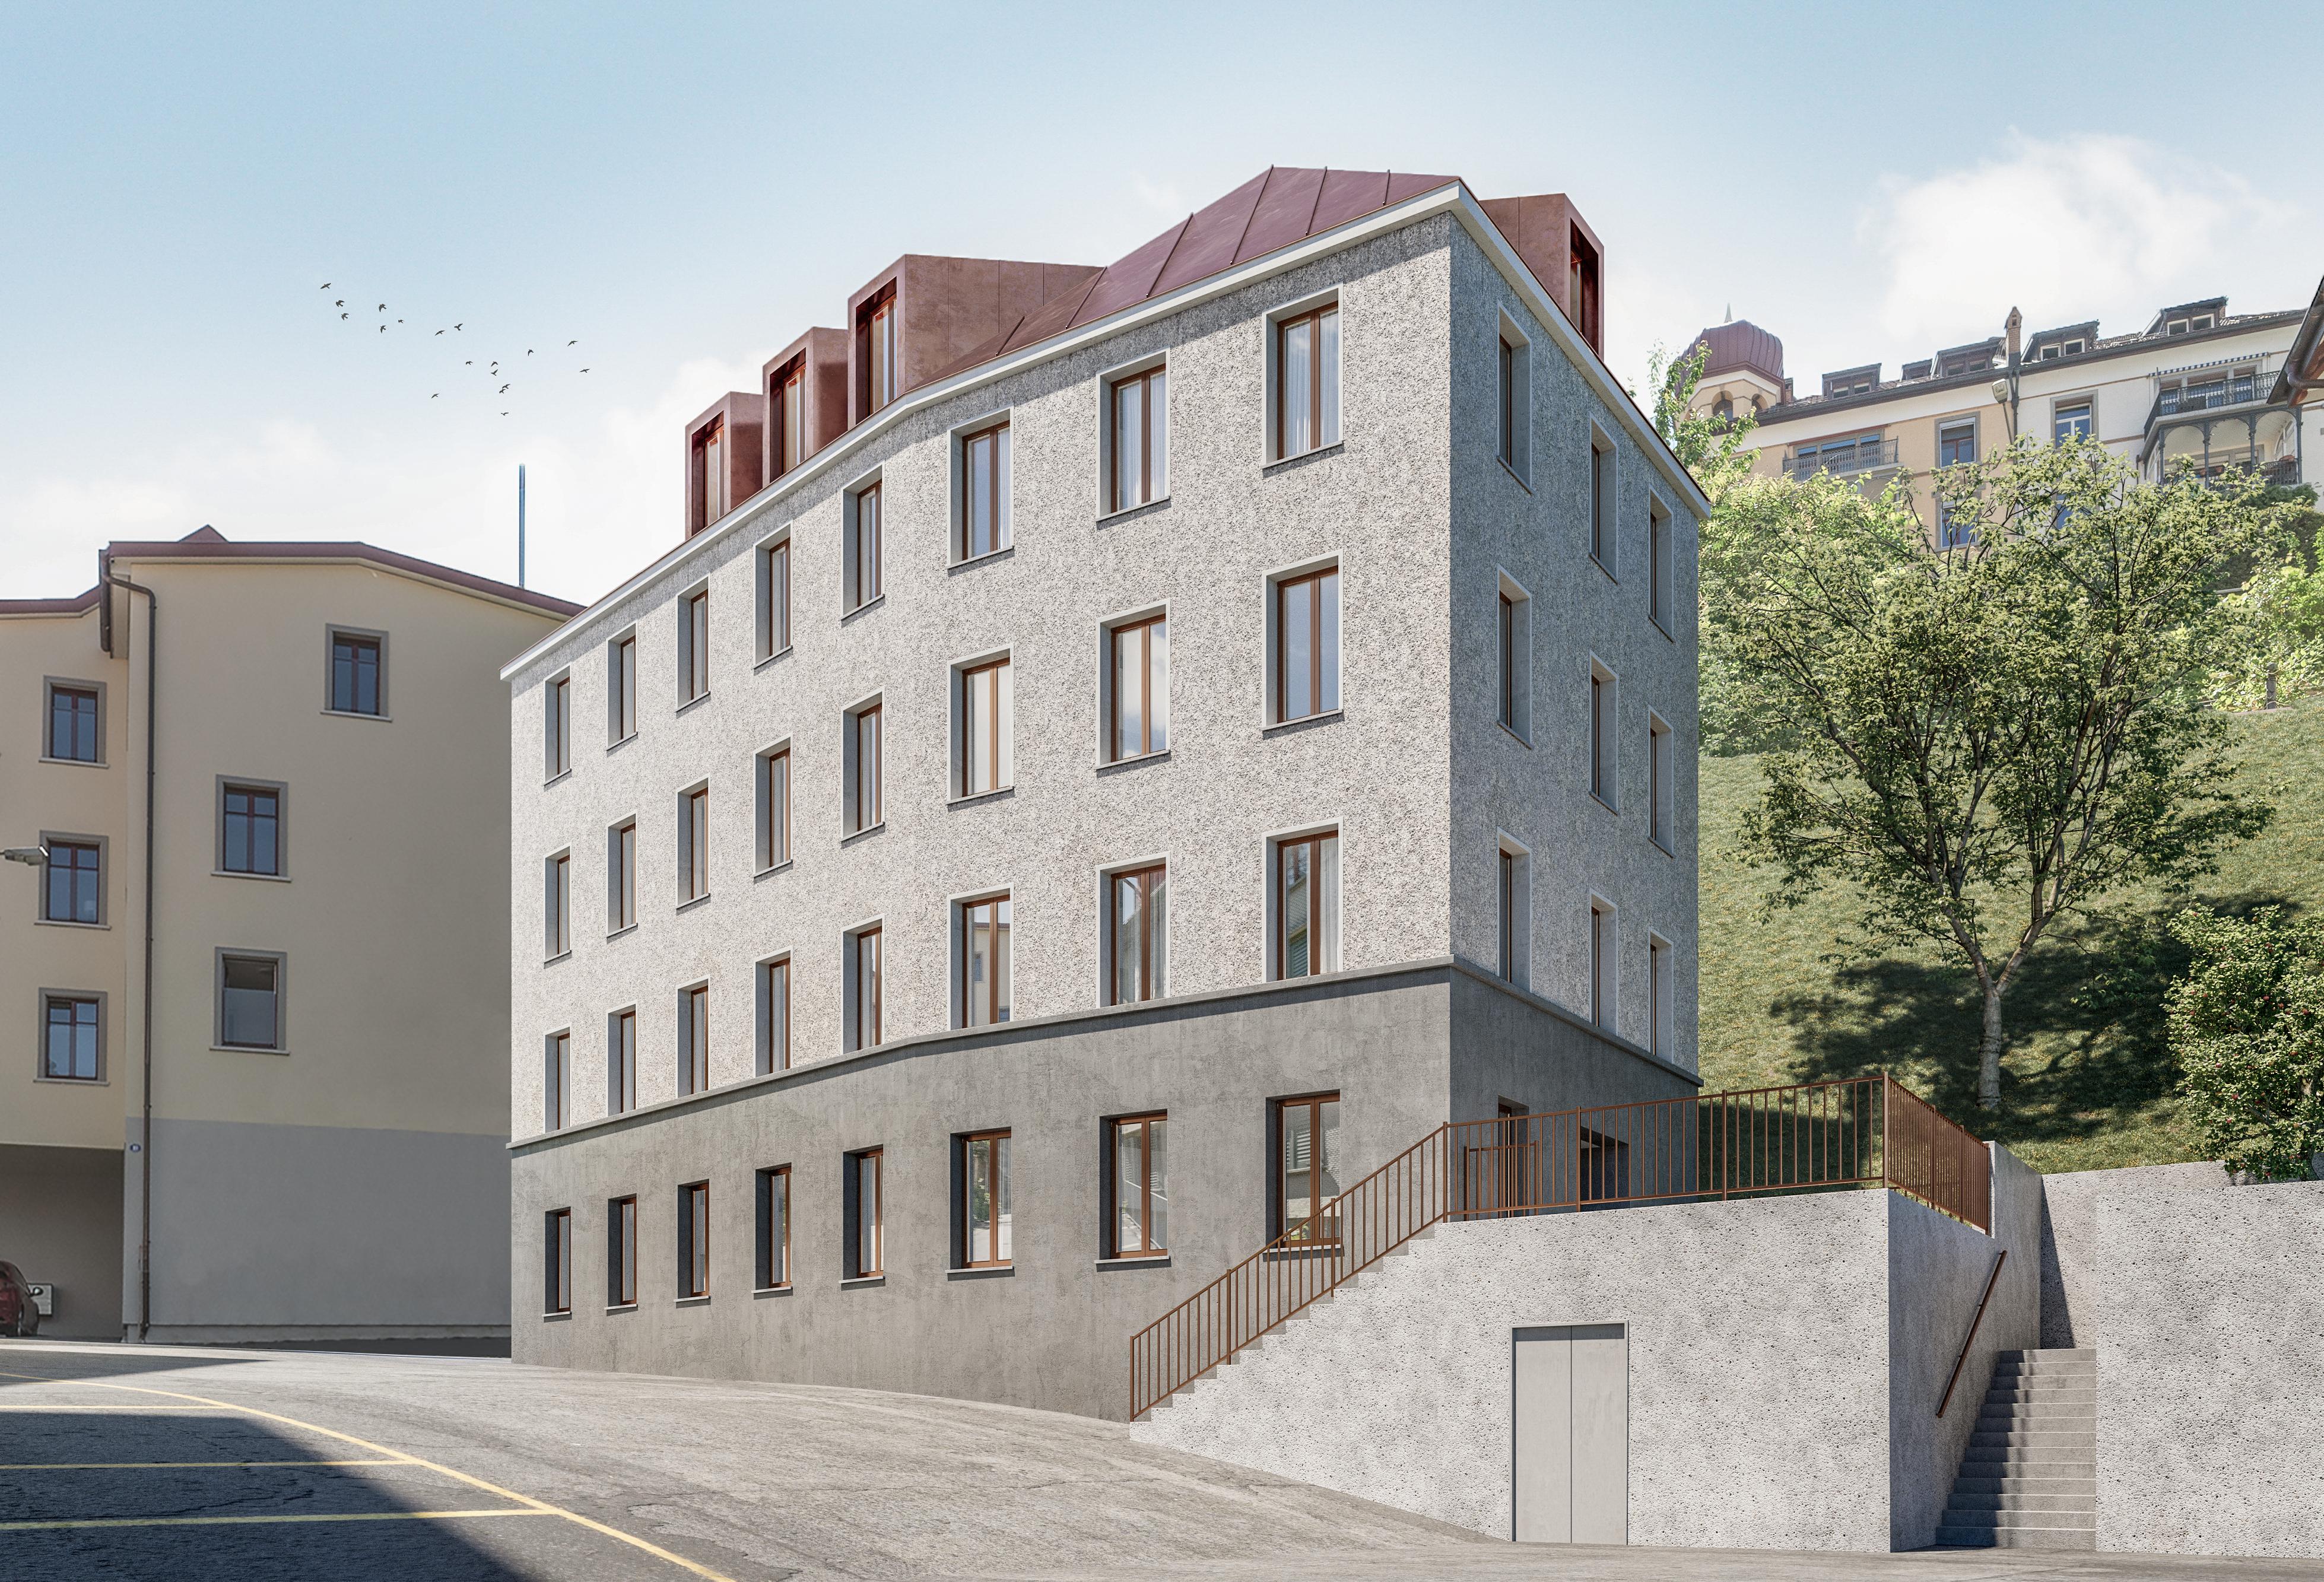 Neubau MFH, 17 Kleinwohnunge